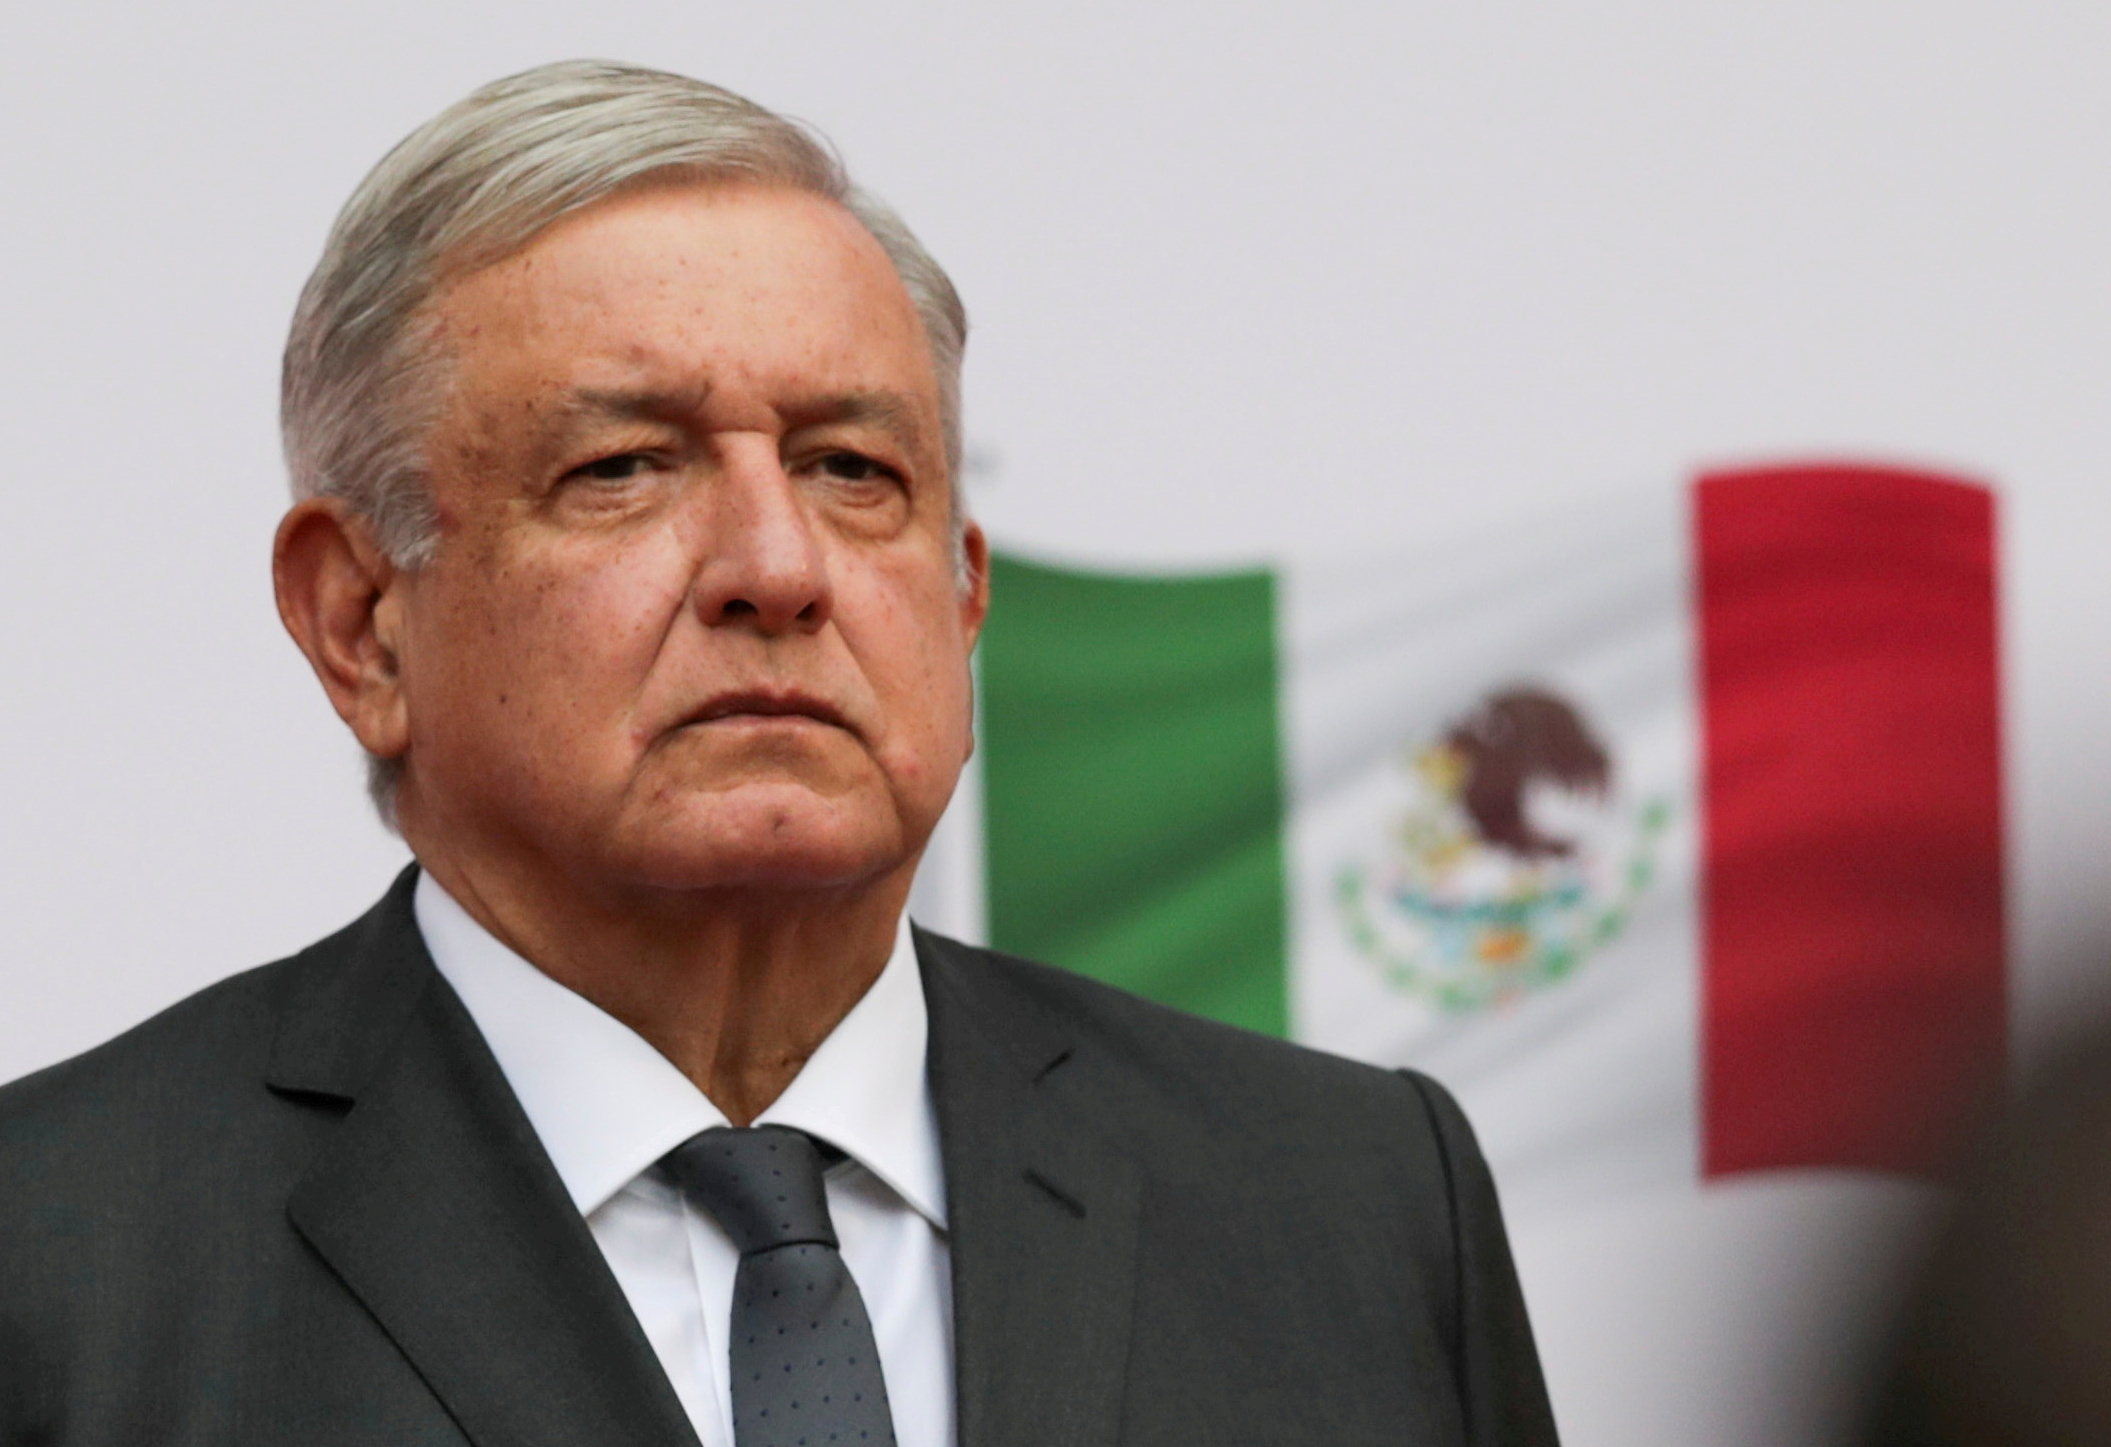 Μεξικό: Θετικός στον κορονοϊό ο πρόεδρος Αντρές Μανουέλ Λόπες Ομπραδόρ – 10.872 τα νέα κρούσματα